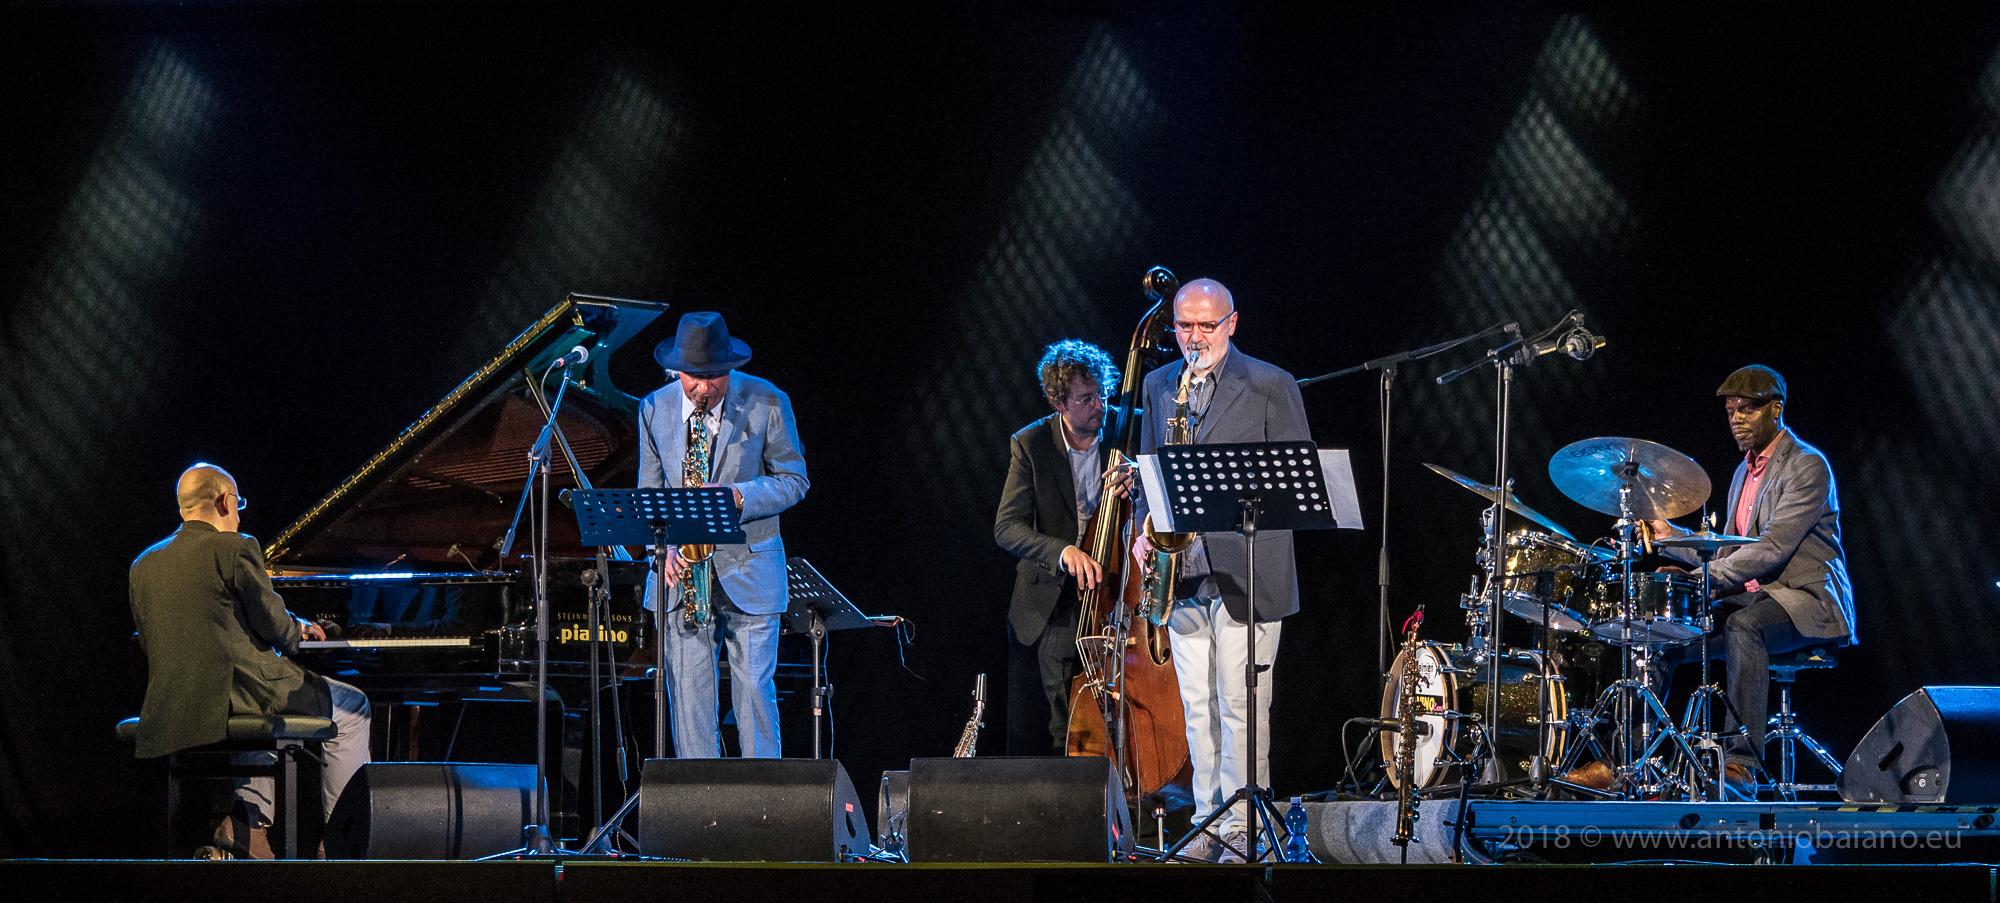 Riccardo Ruggieri Quartet feat. Gary Bartz - TJF 2018